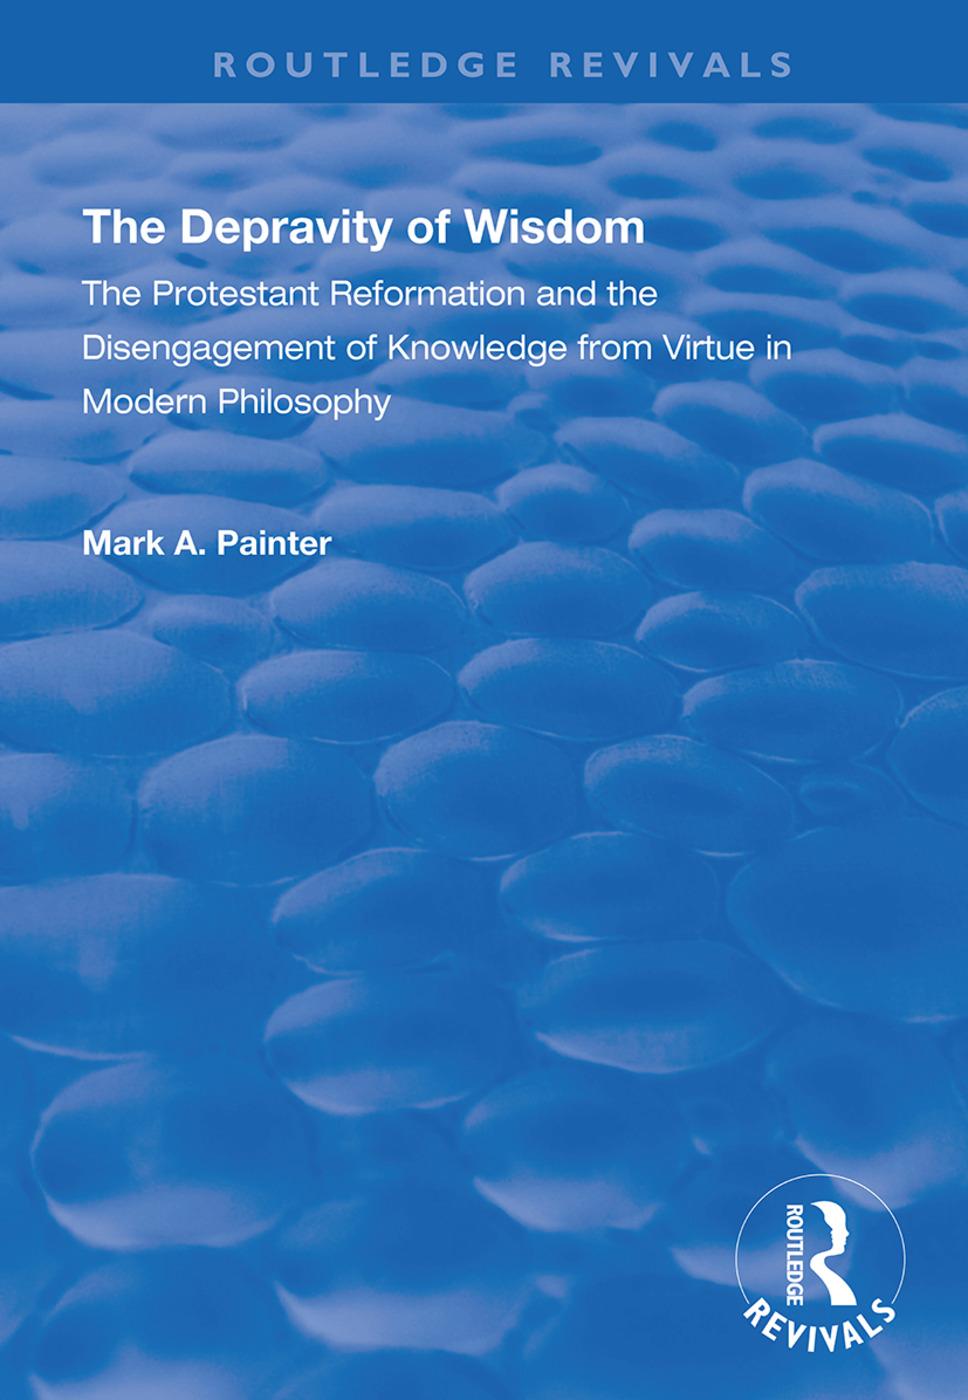 The Depravity of Wisdom